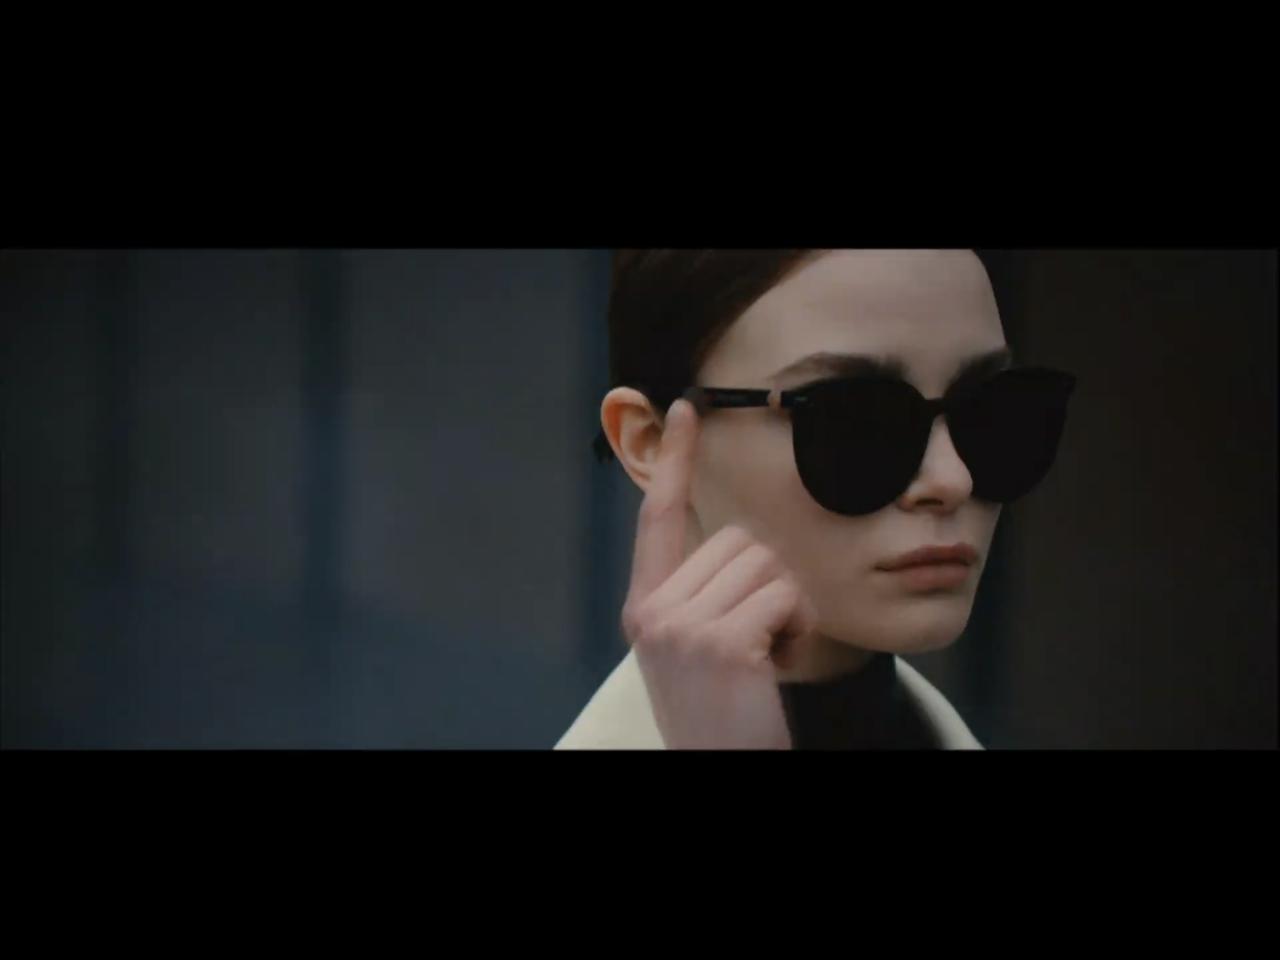 發表會播放的形象影片中,模特兒手指輕觸鏡腳,即可啟動智慧助理功能。圖/摘自發表會